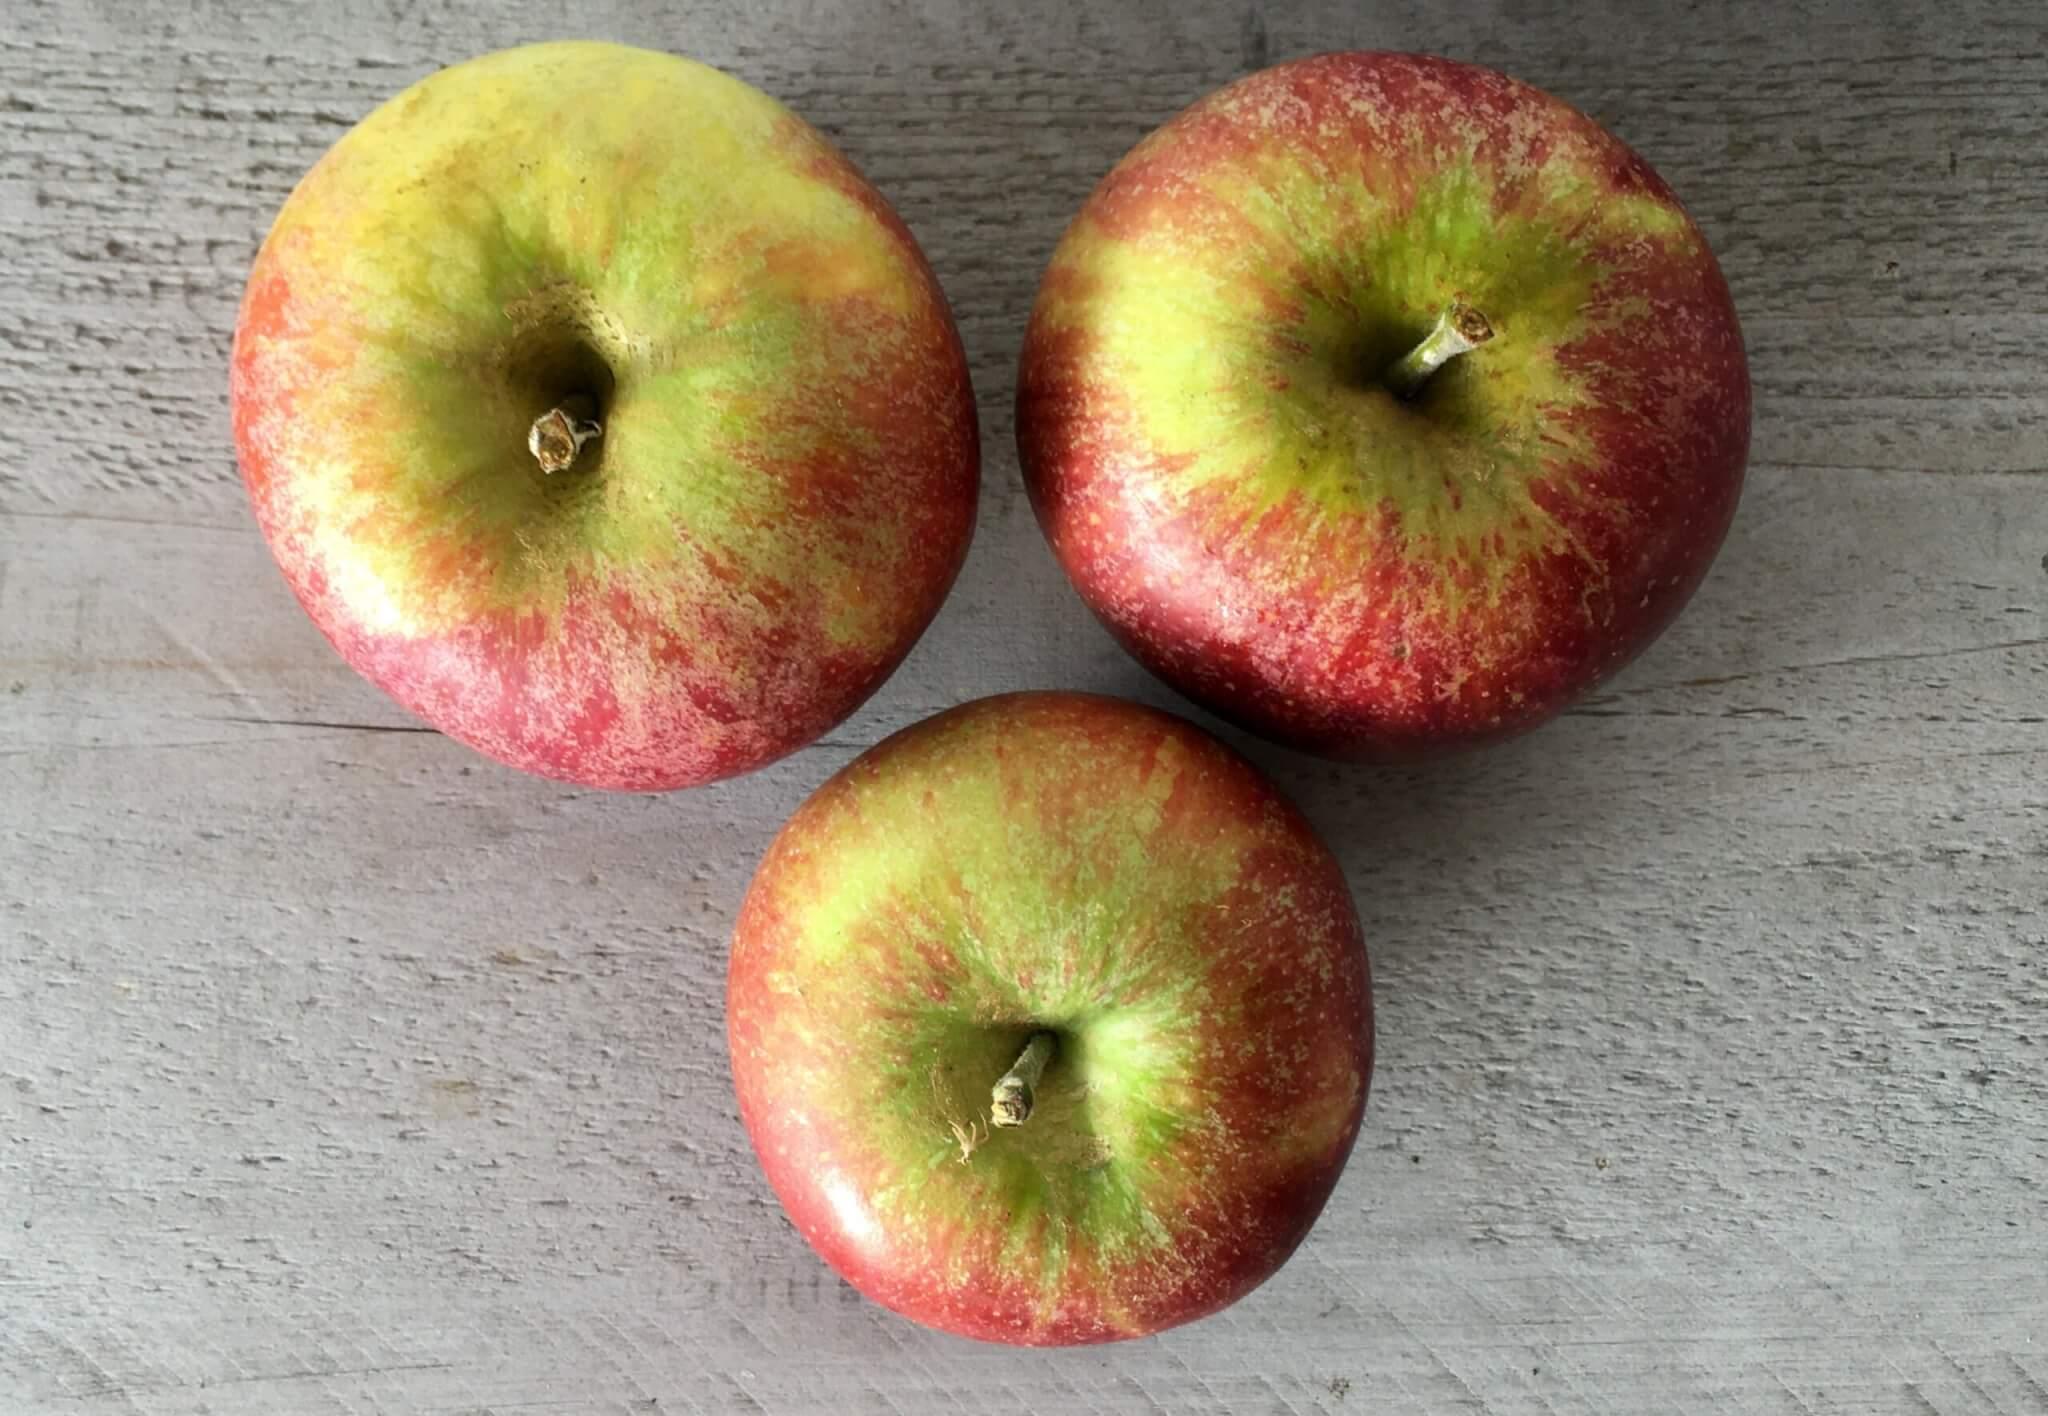 Fruitbedrijf Van den Berge Cox